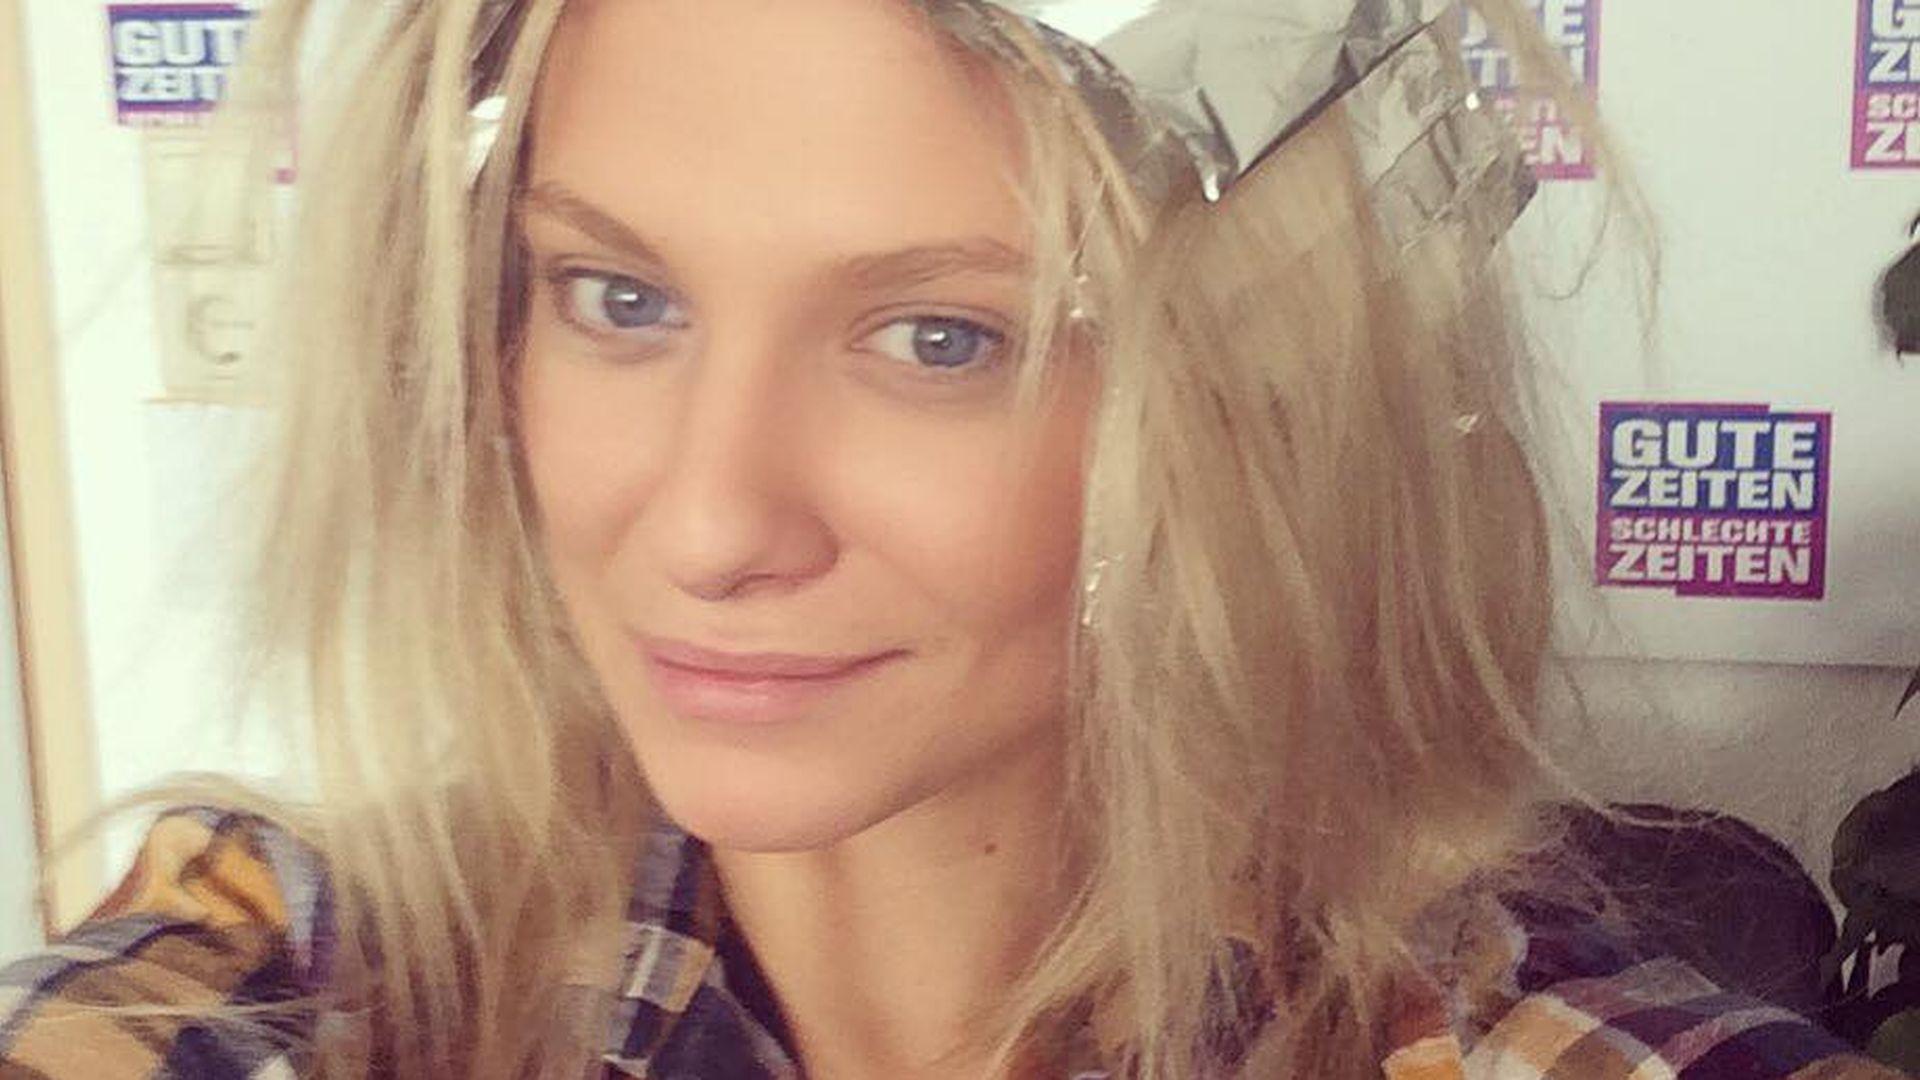 Elegant Neue Frisur Von Valentina Pahde Finden Sie Die Beste